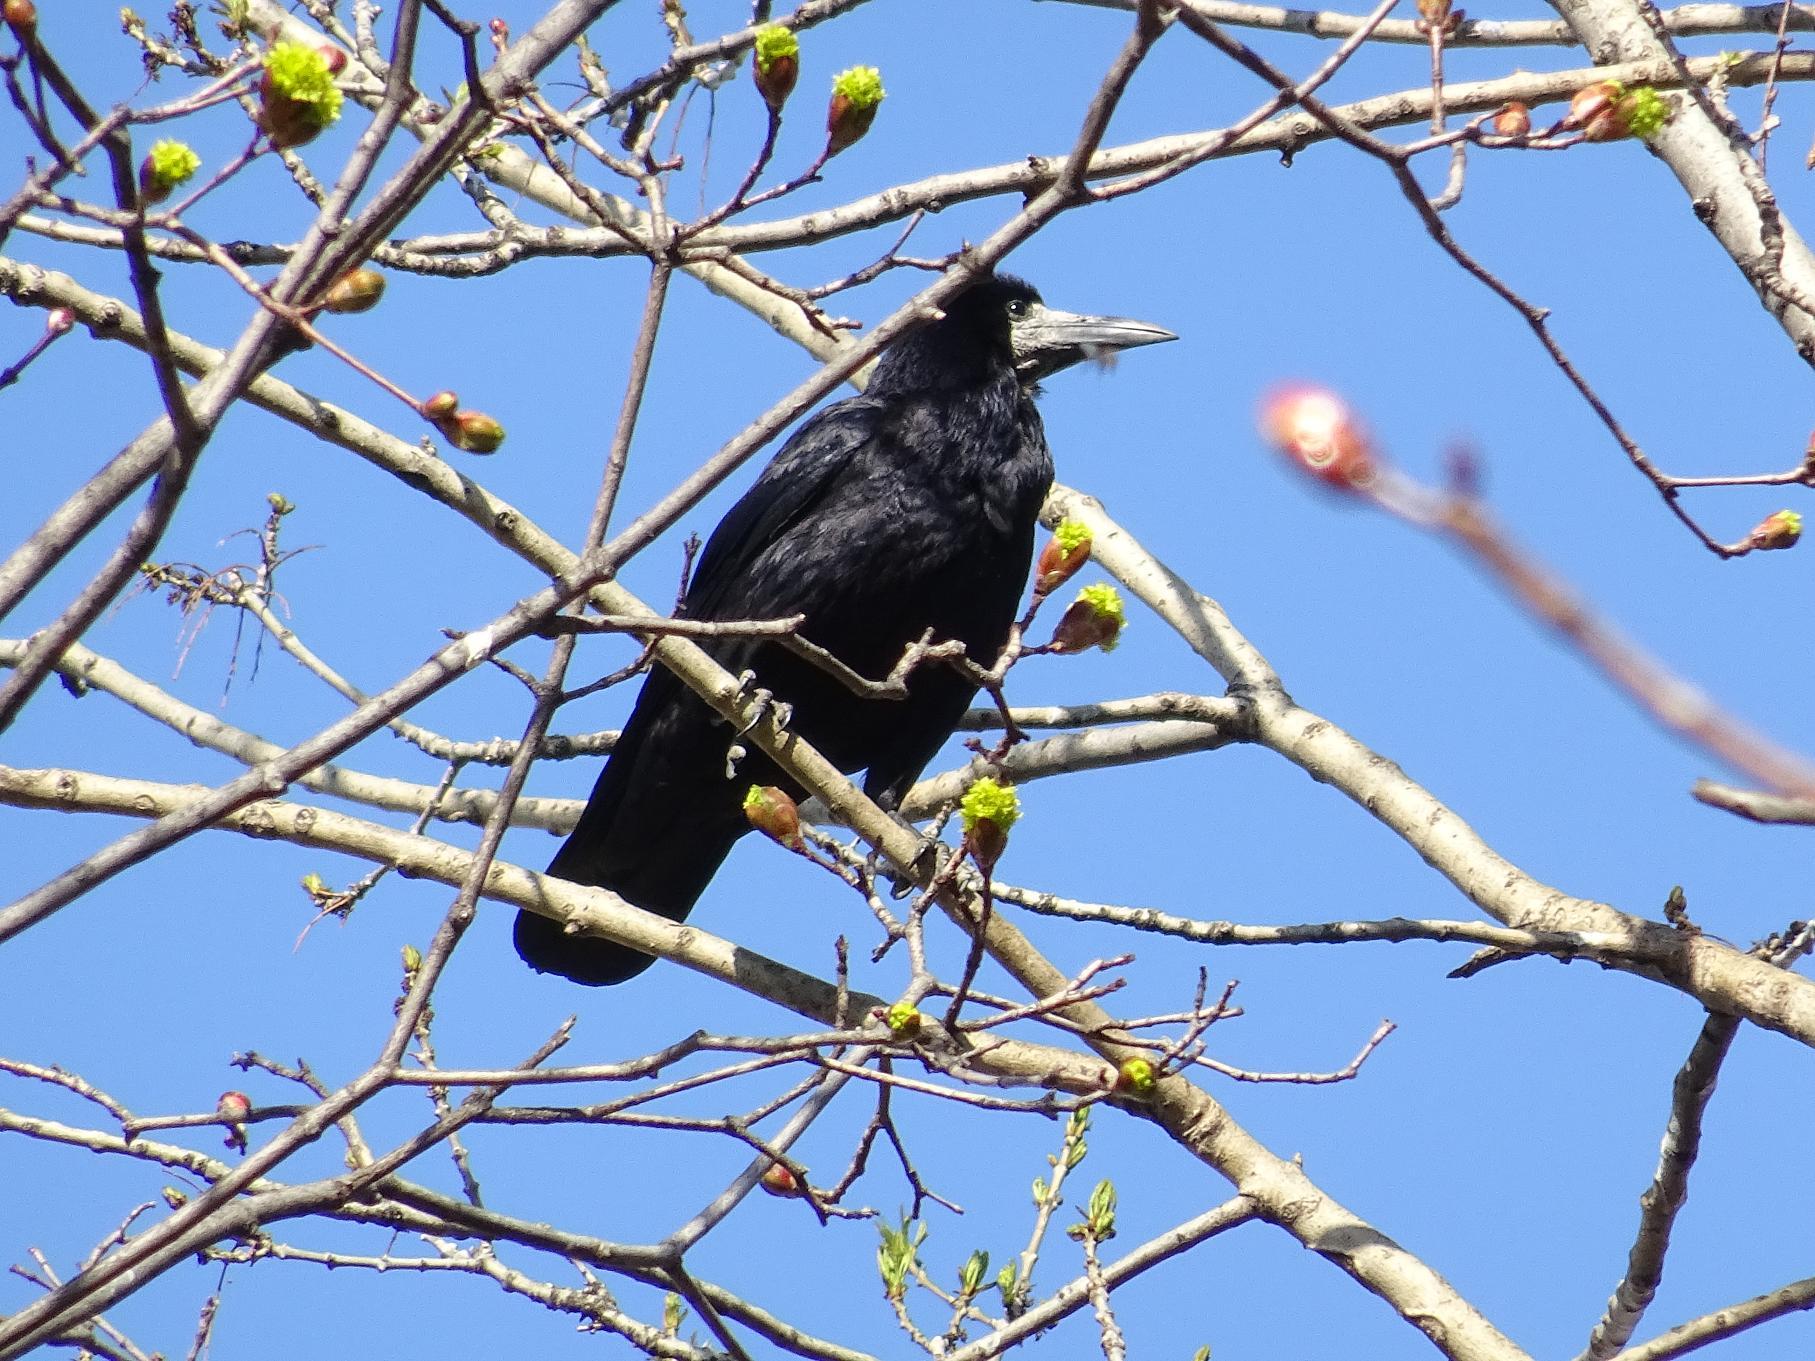 Грач (Corvus frugilegus). Автор фото: Кирилова Любовь